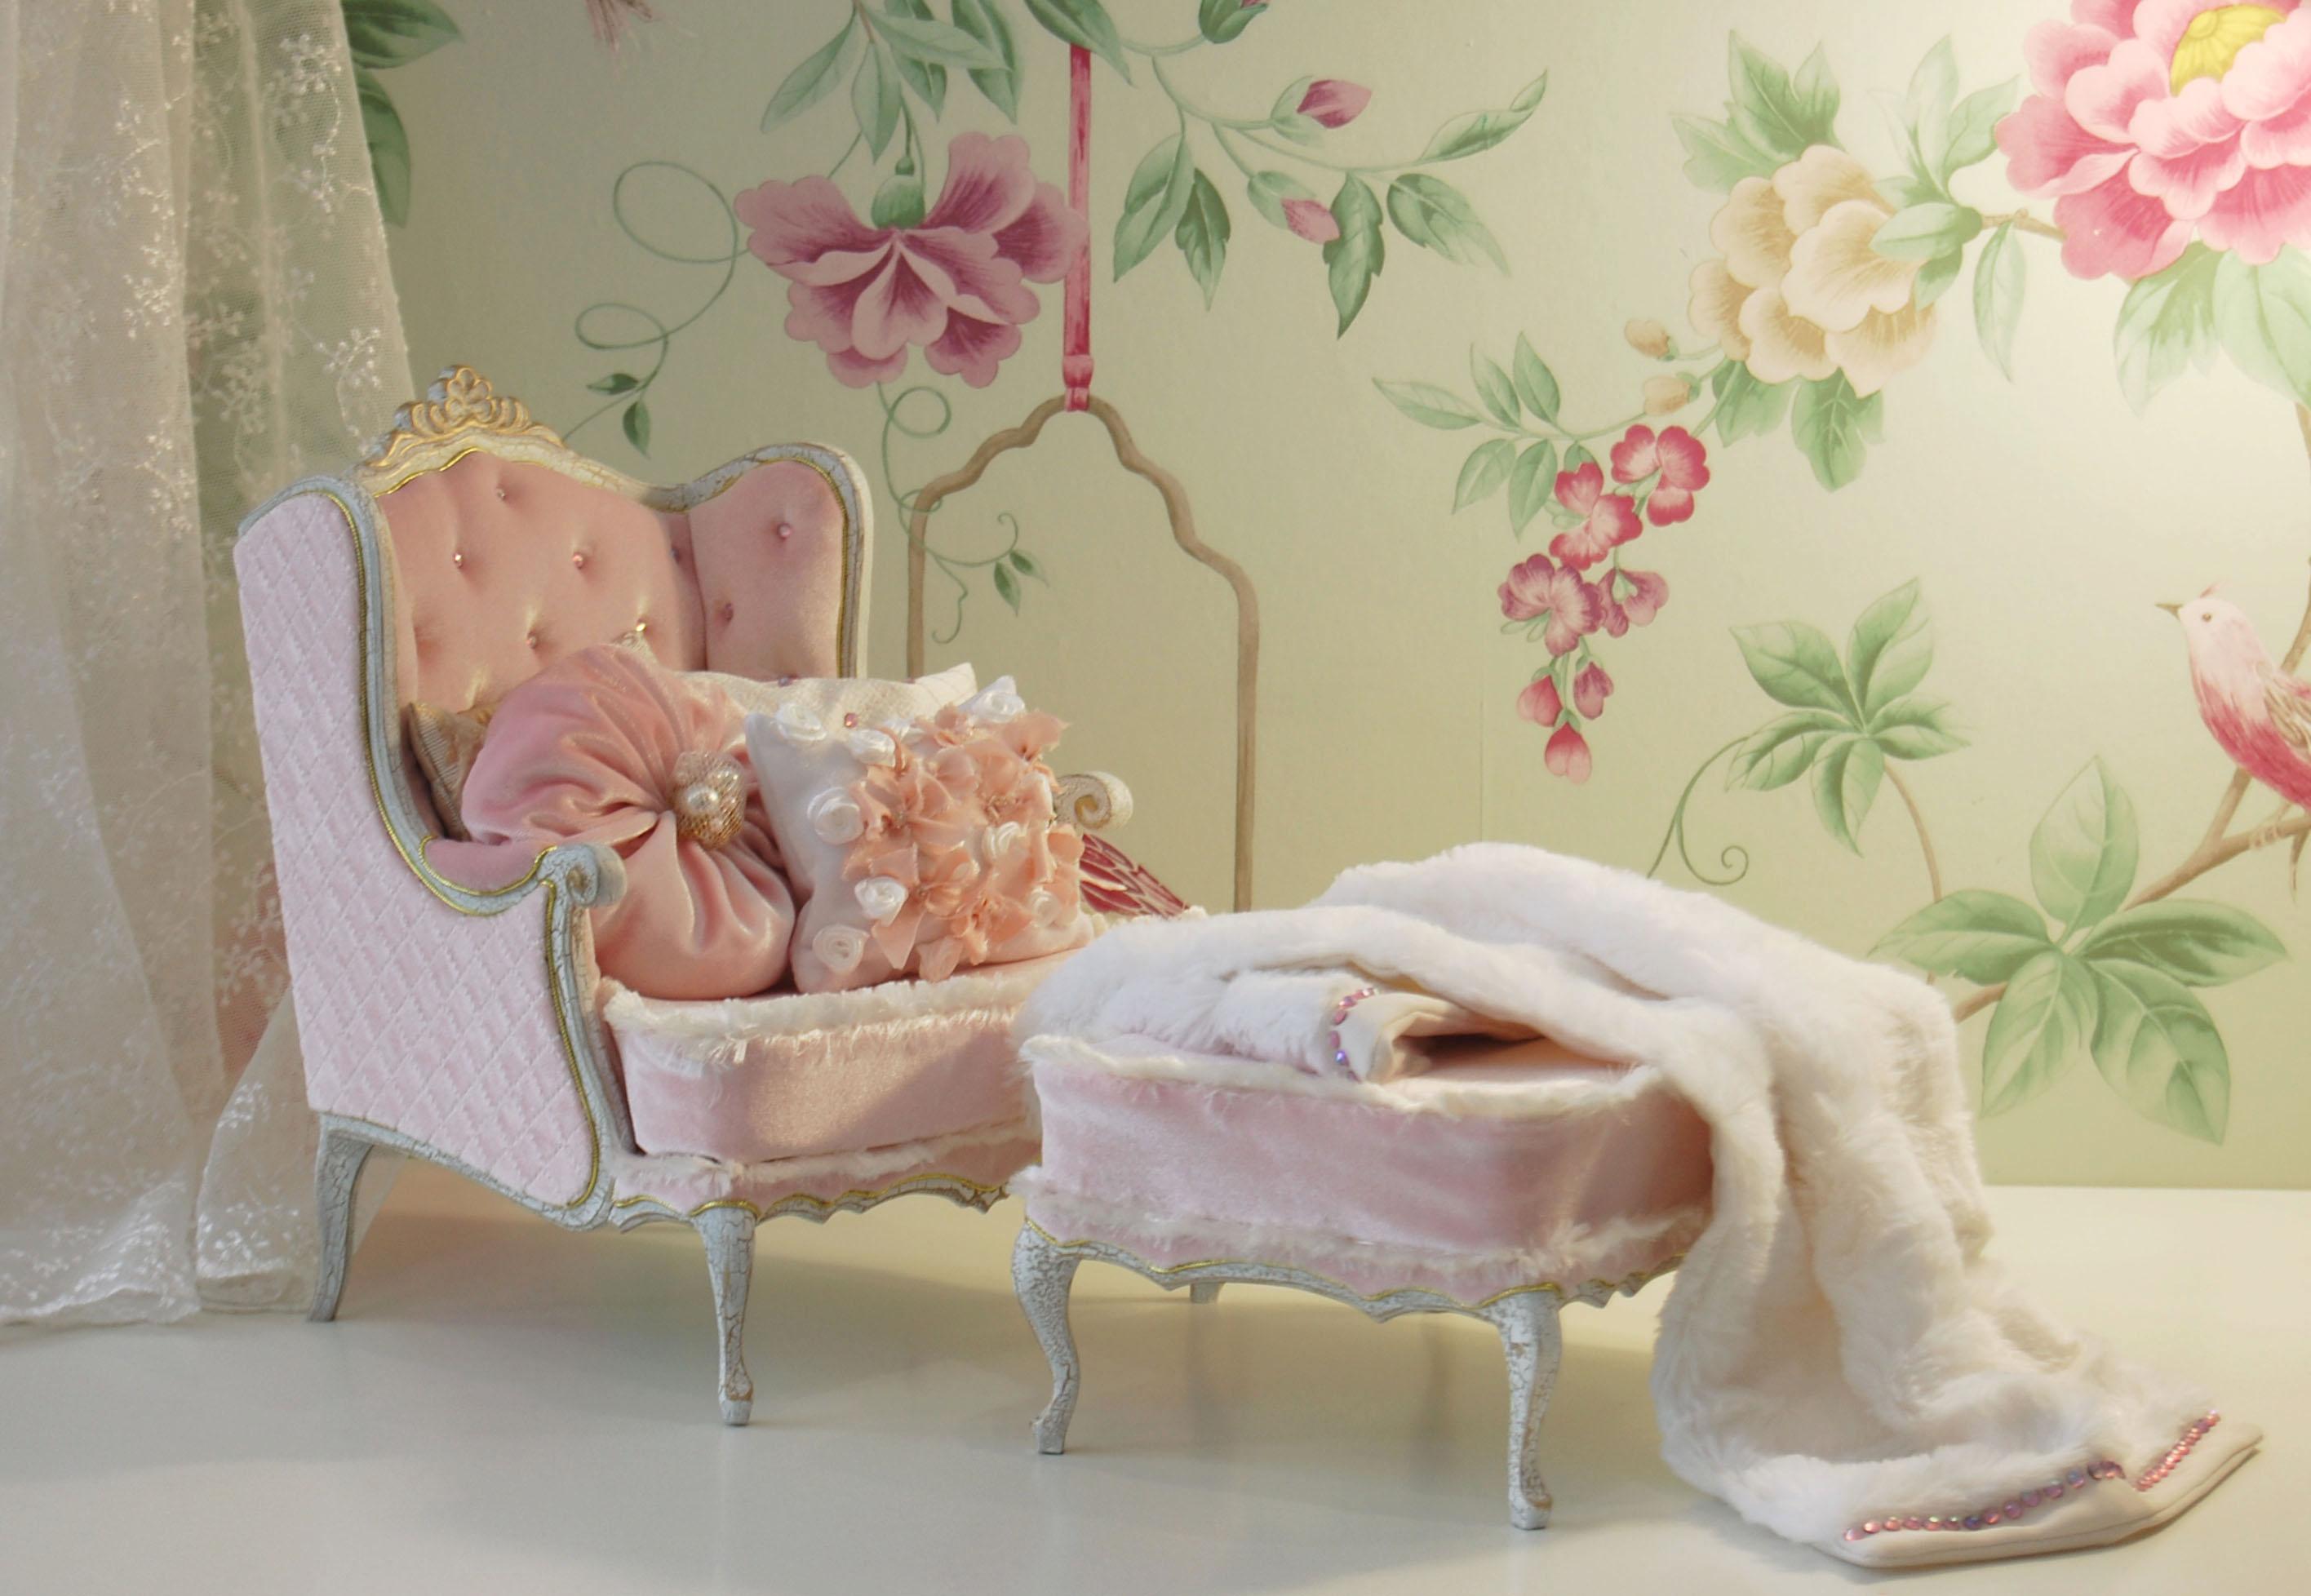 Fondos de pantalla habitaci n cama silla almohada - Silla para habitacion ...